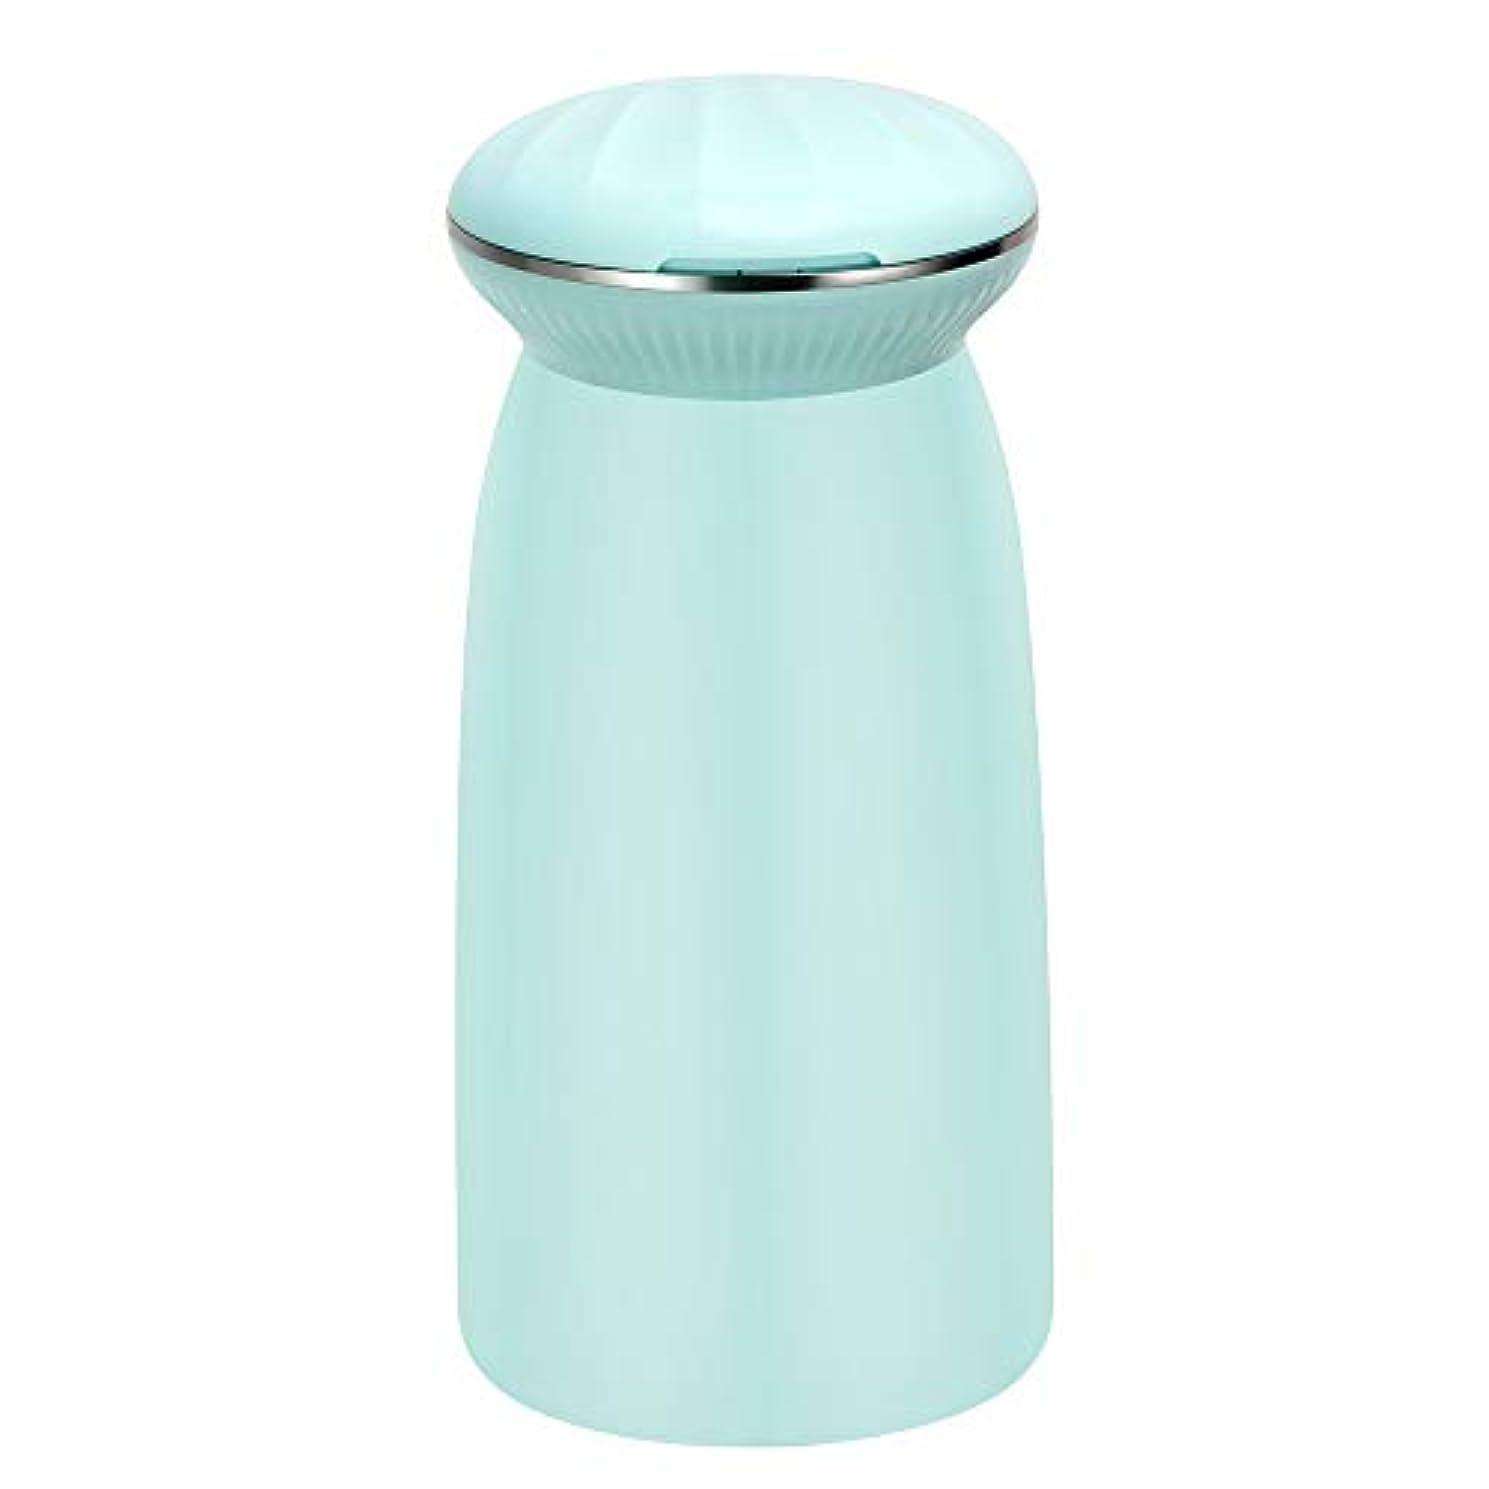 霧深い表面手紙を書く涼しい空気加湿器 - 300ミリリットルスパミストメーカー水フレッシュエアーマシンポータブル超音波加湿器,Blue